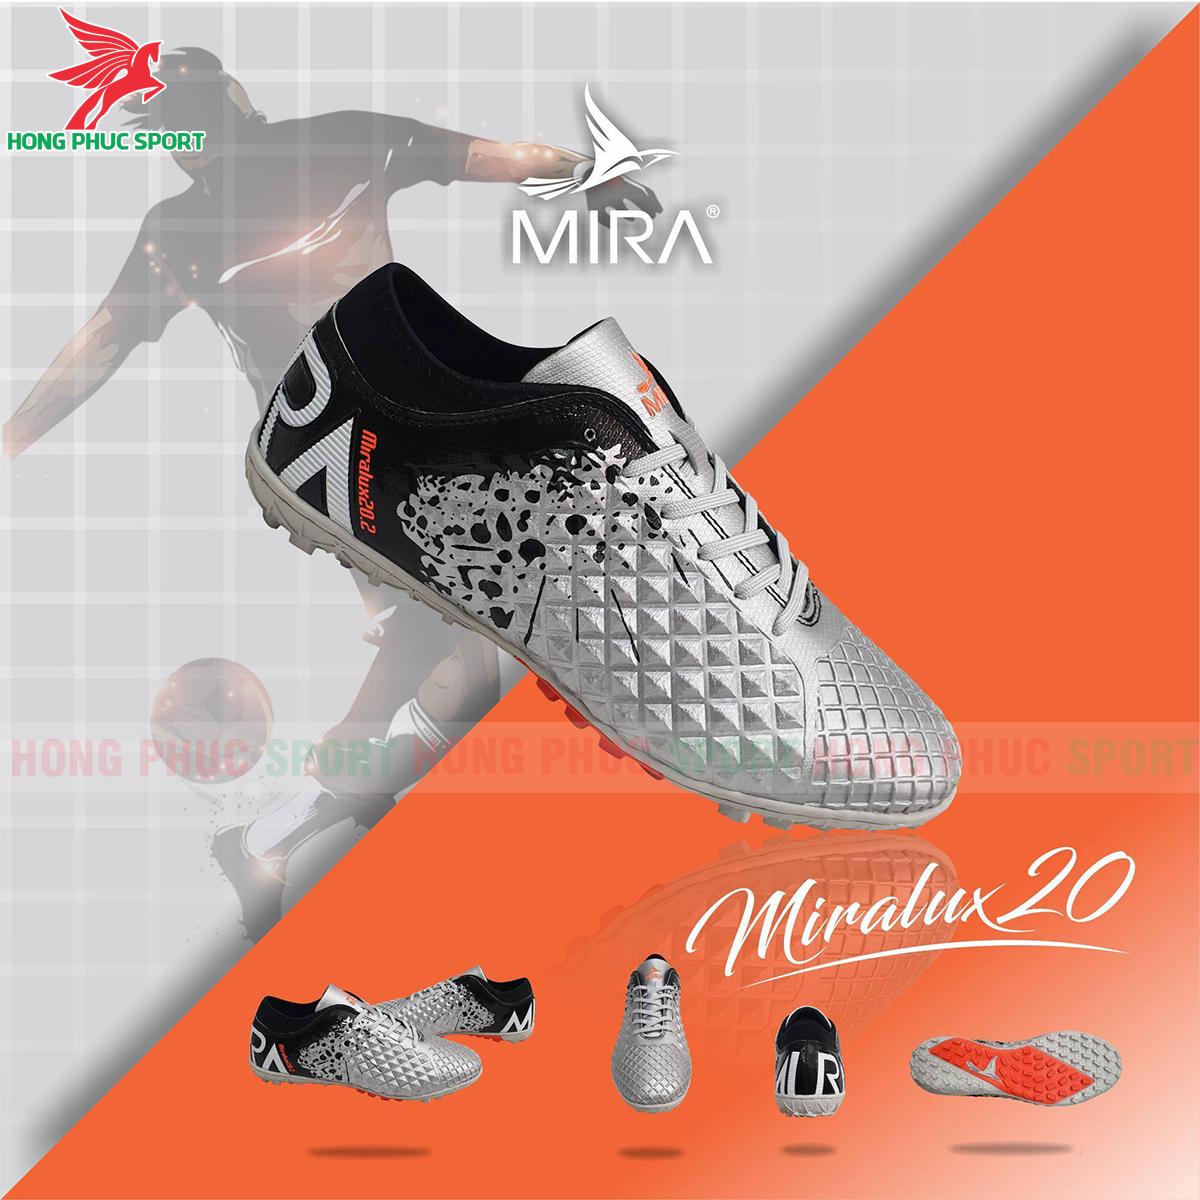 Giày Mira Lux 20.2 sân cỏ nhân tạo màu bạc phối đen